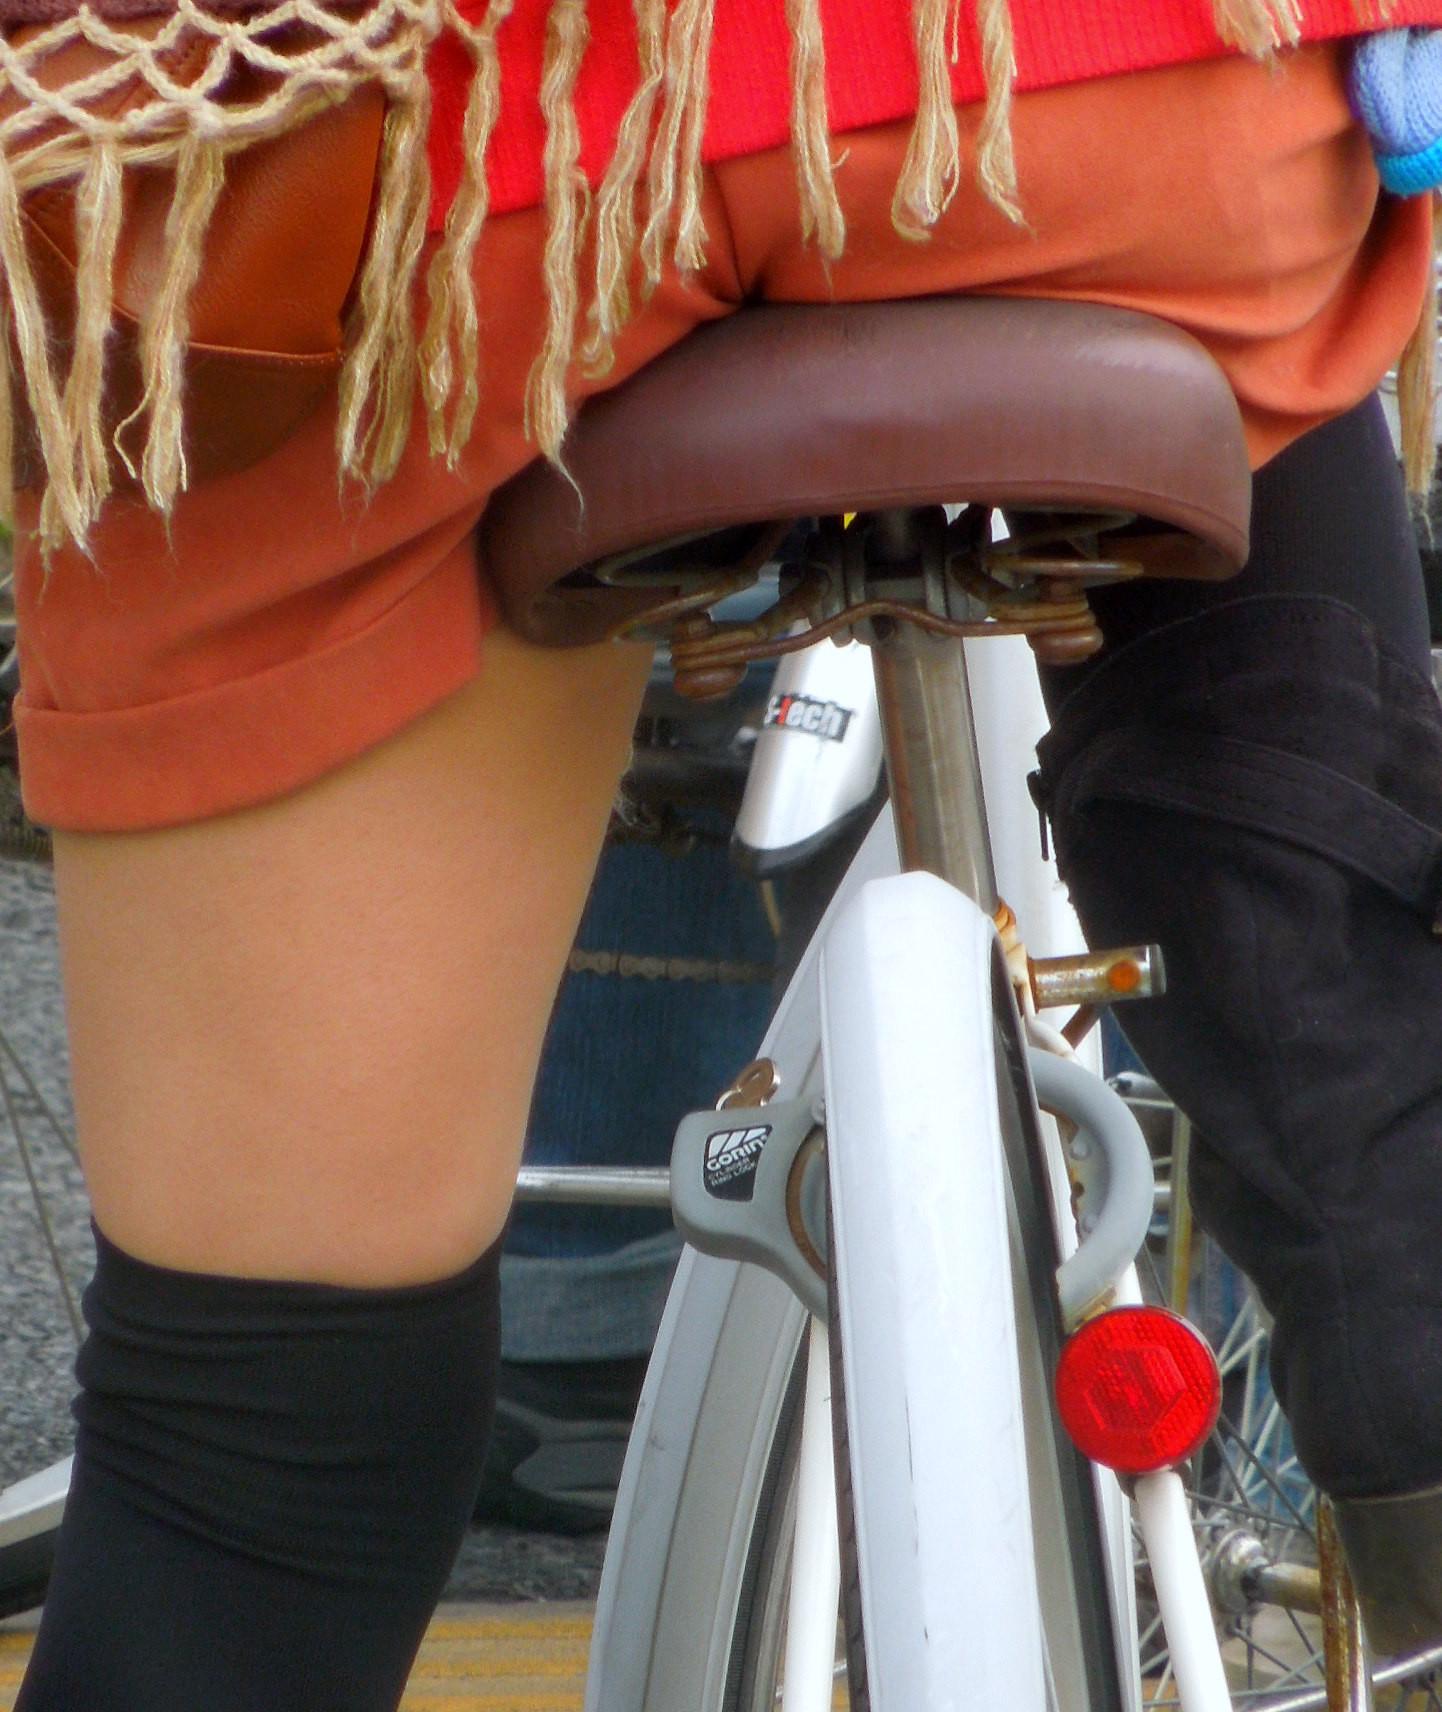 【自転車女子エロ画像】チャリ移動中の巨尻女子…サドルよりも俺の背中に乗らないか? 11